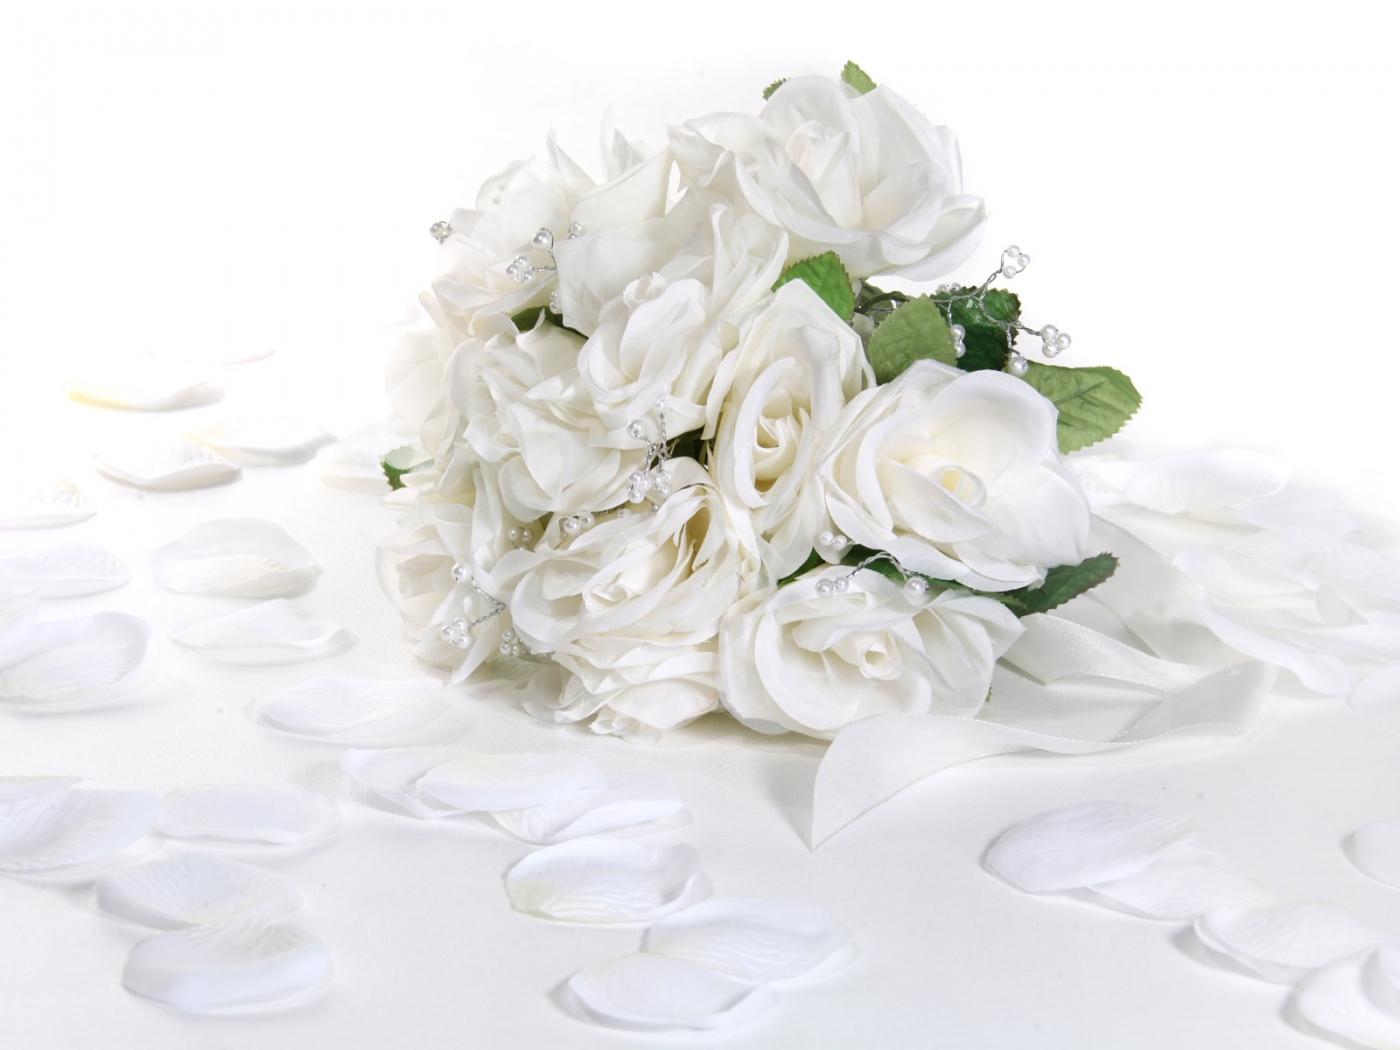 33769 скачать обои Растения, Цветы, Букеты - заставки и картинки бесплатно